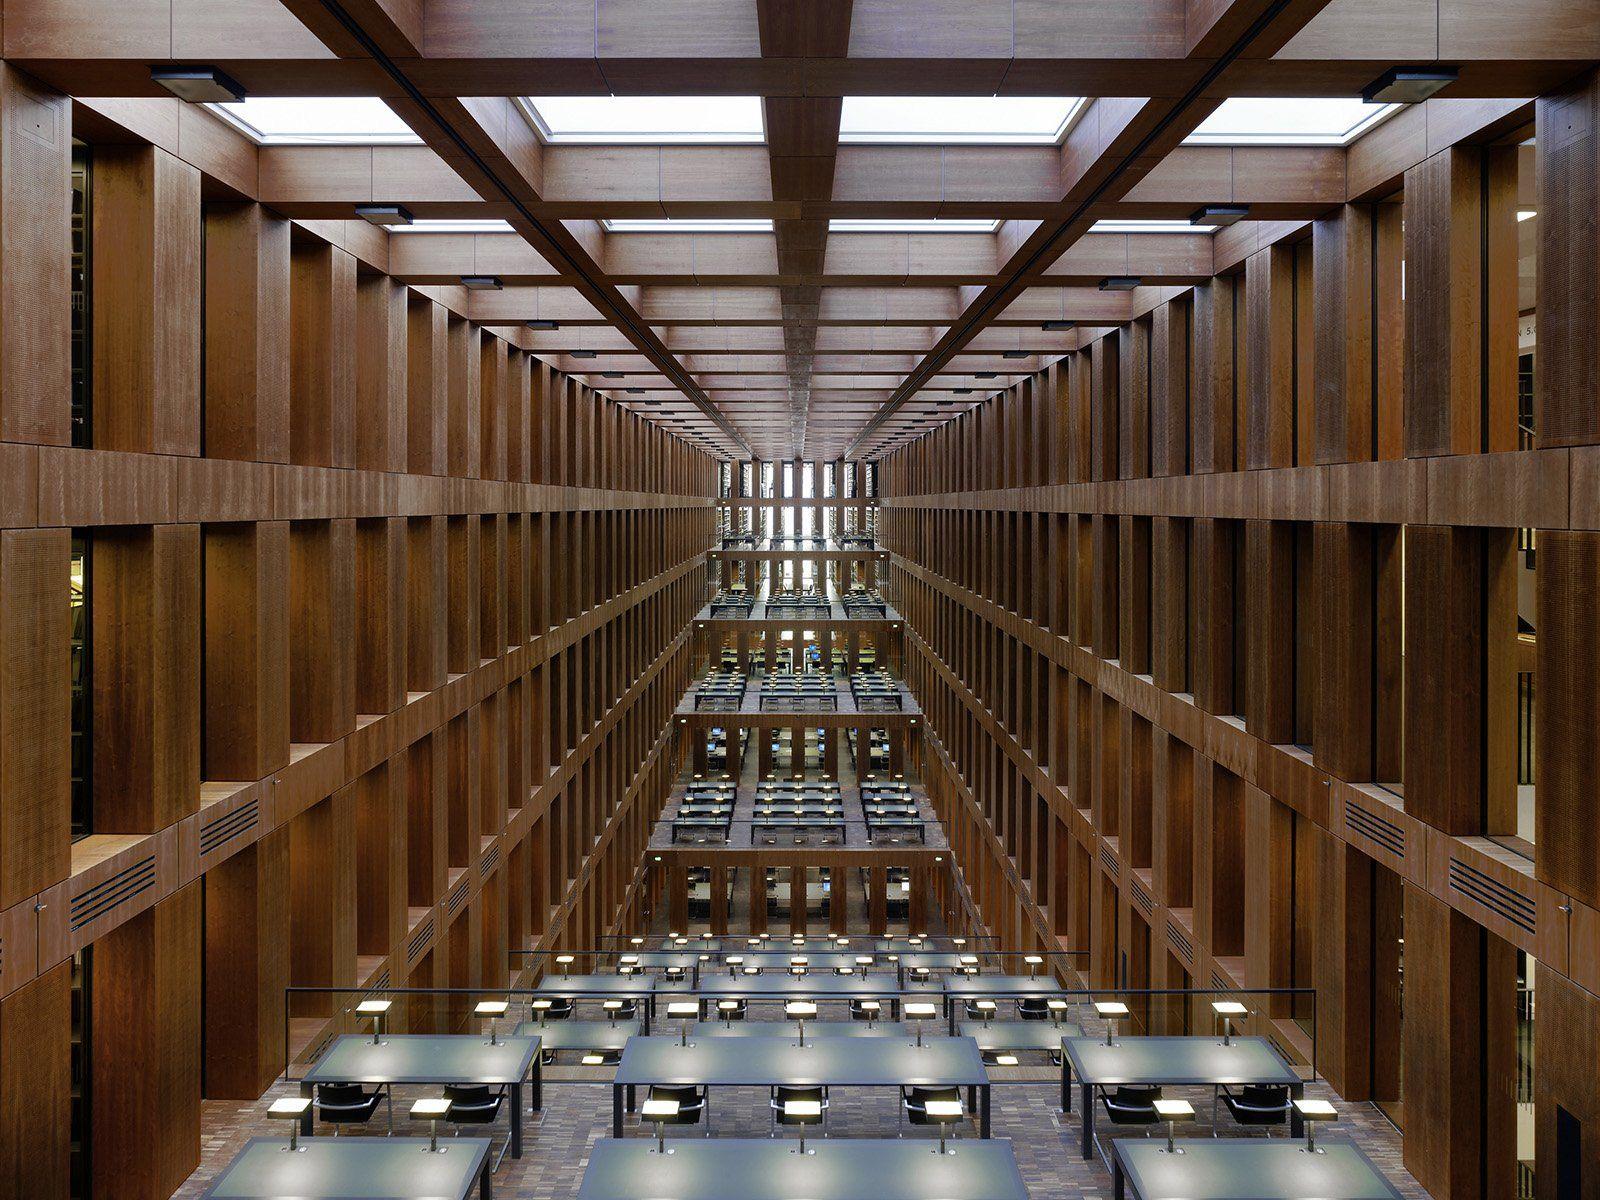 Jacob Und Wilhelm Grimm Zentrum Max Dudler Arquitectura Galerias Fotografia